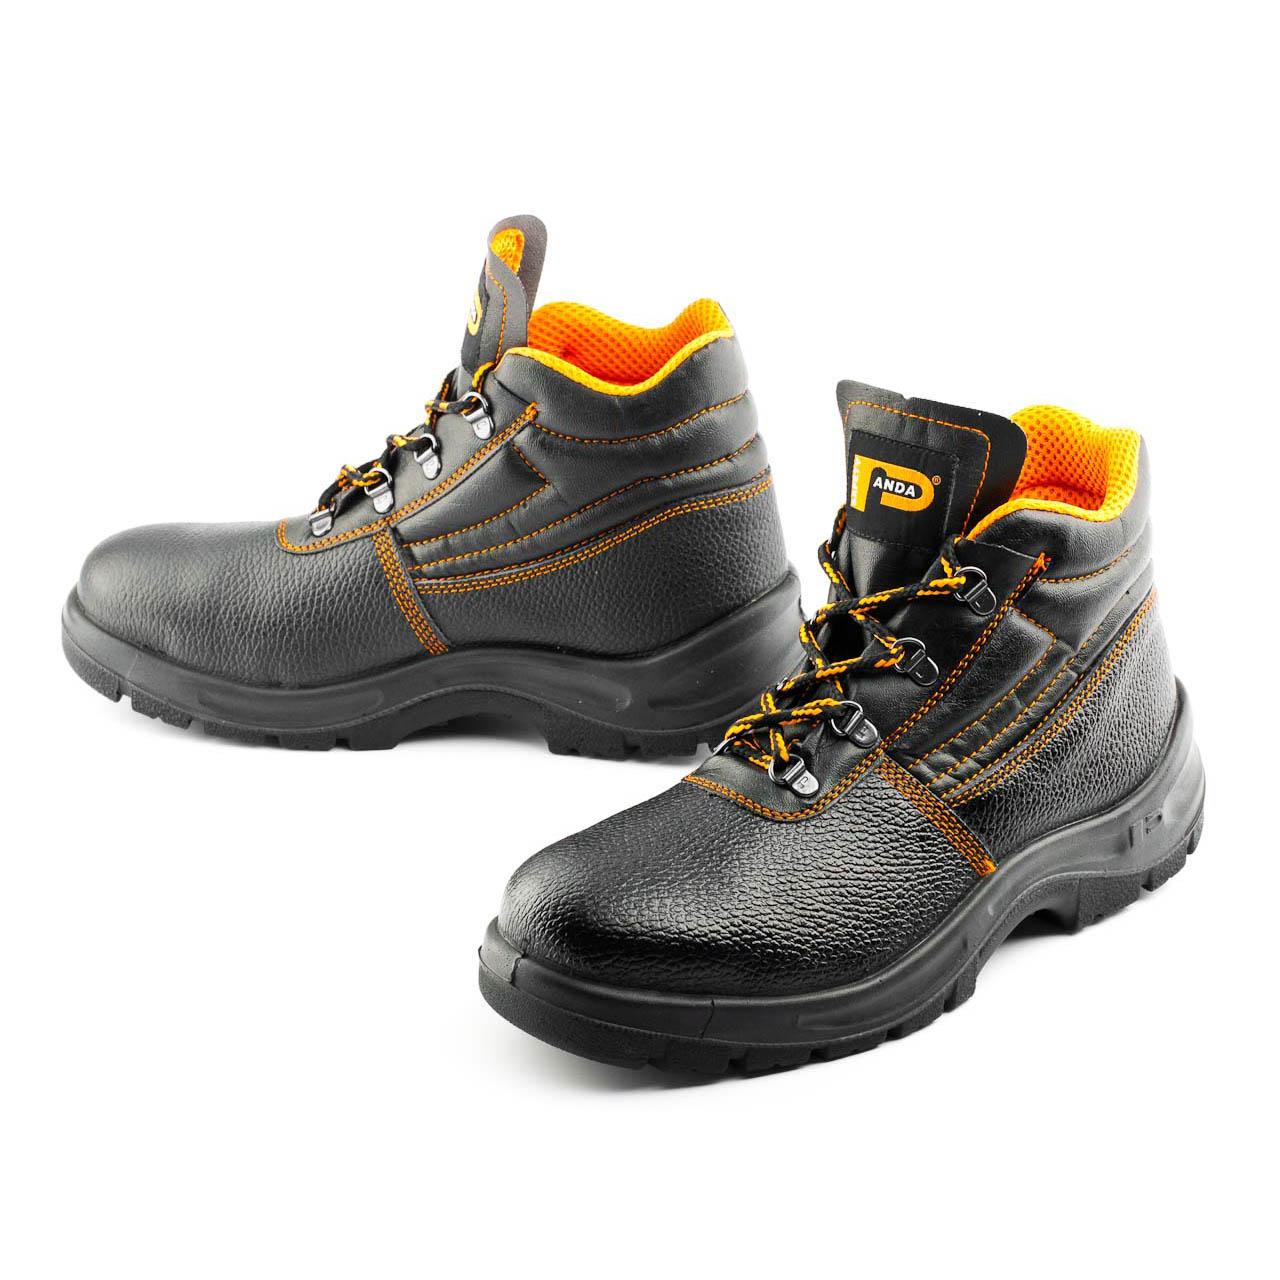 46951b263e78f Pracovná obuv PANDA ERGON Ankle O1 ALFA